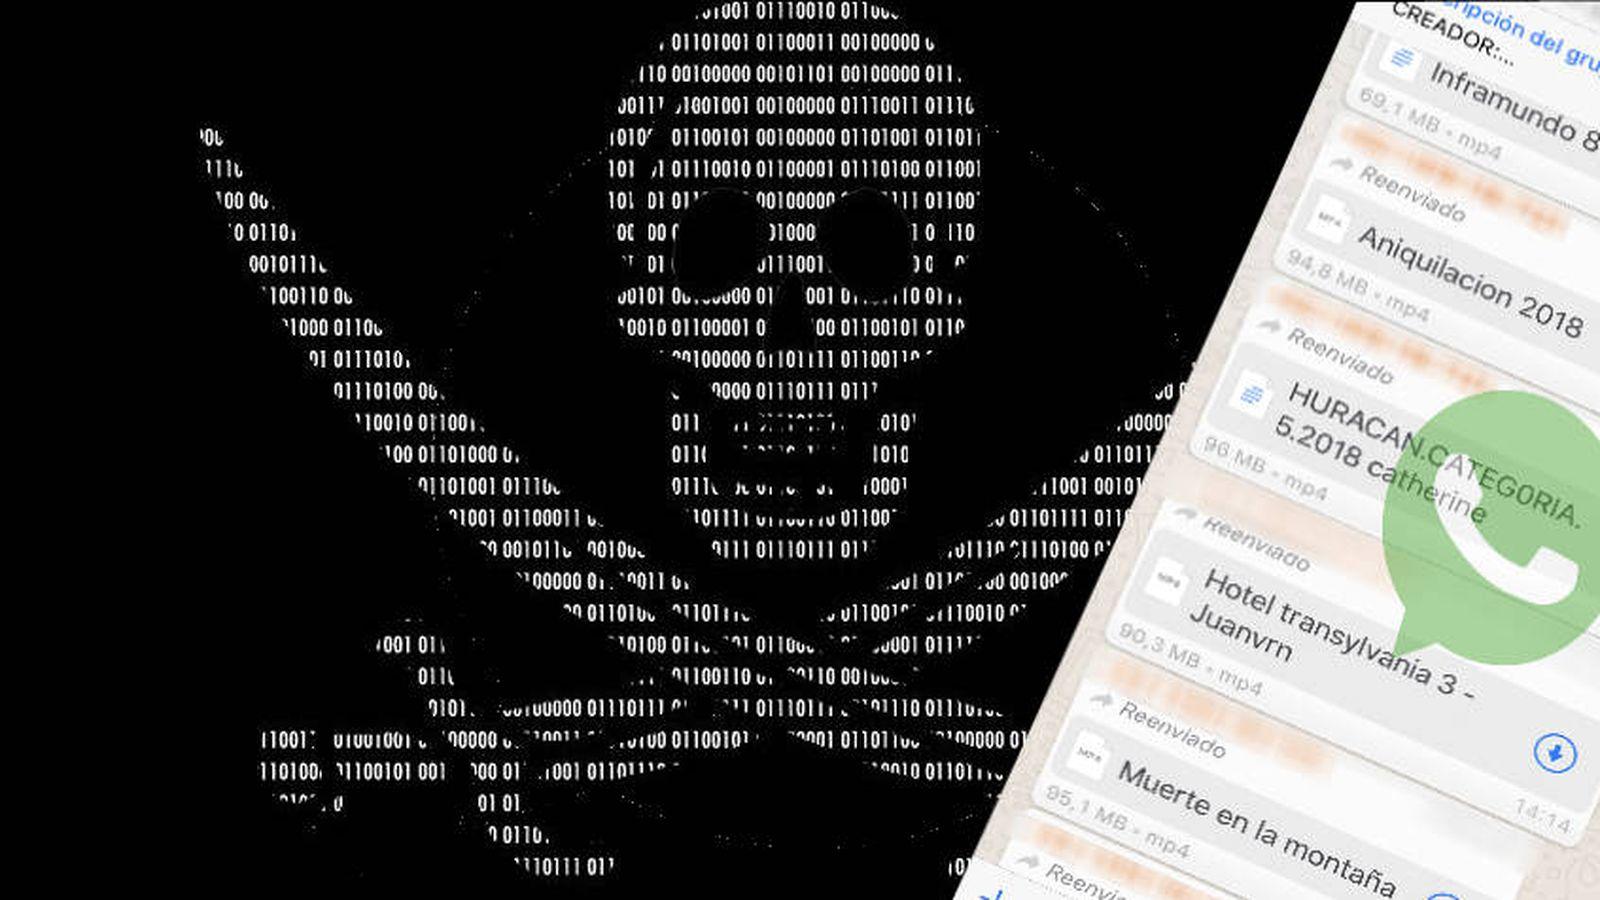 Mandar videos porno al wasap Whatsapp Pelis Pirata Porno Y Virus A Cambio De Tus Datos Asi Es El Lado Mas Oscuro De Whatsapp